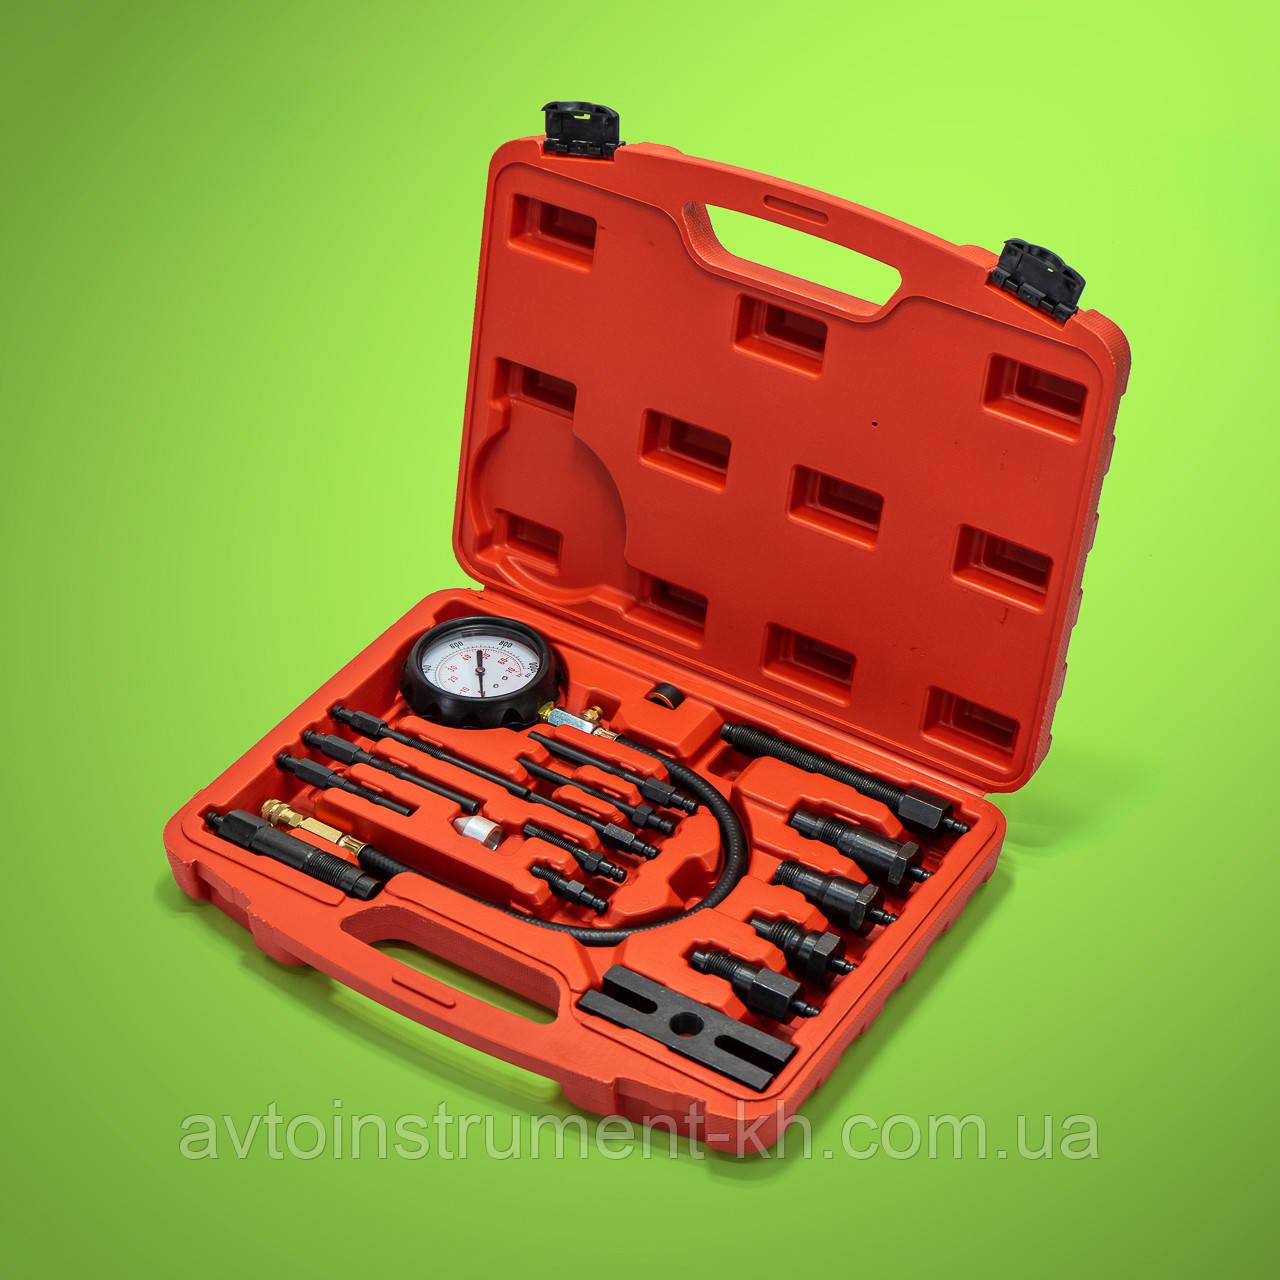 Компрессометр для дизельных двигателей грузовых автомобилей Profline 31020-1 (K-1009)